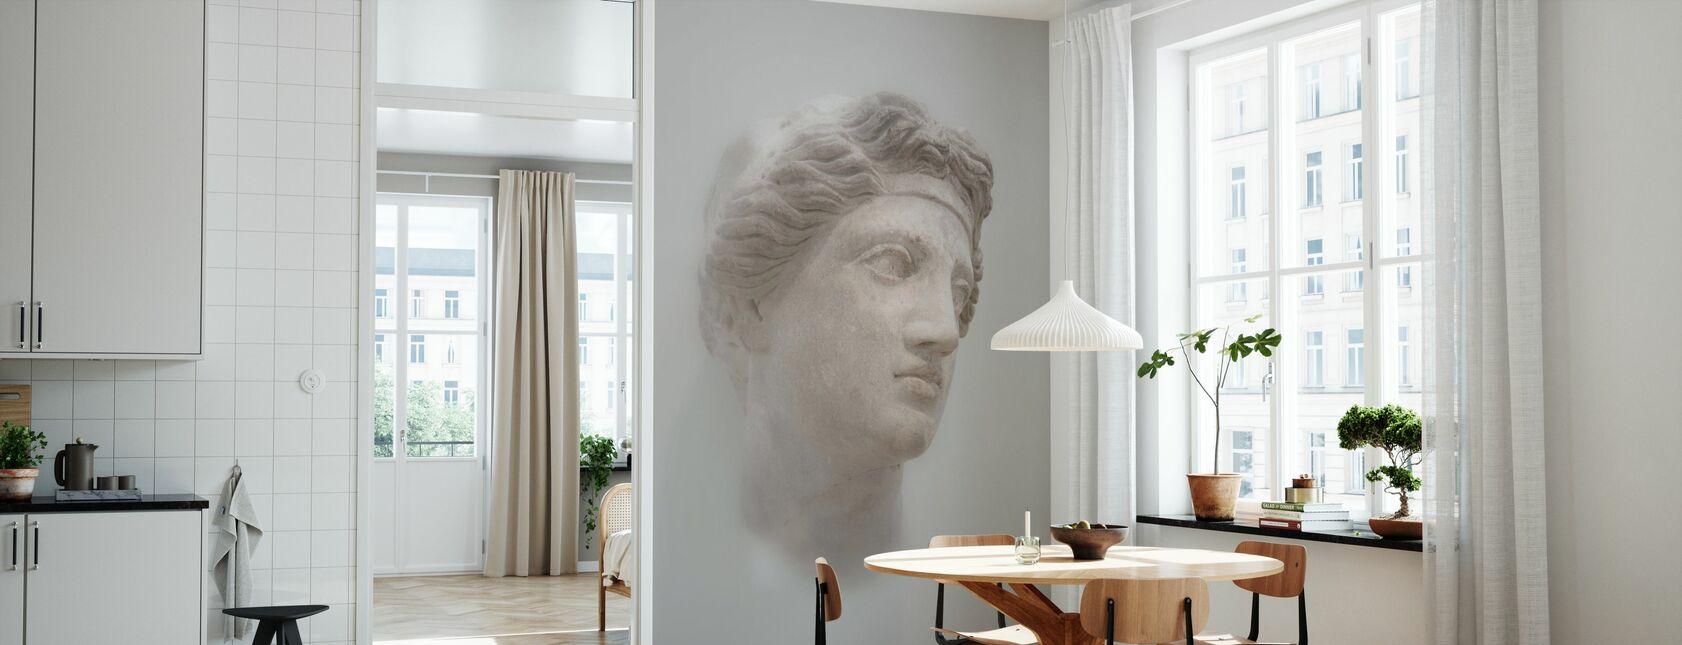 Griekse vrouwelijke buste - Behang - Keuken